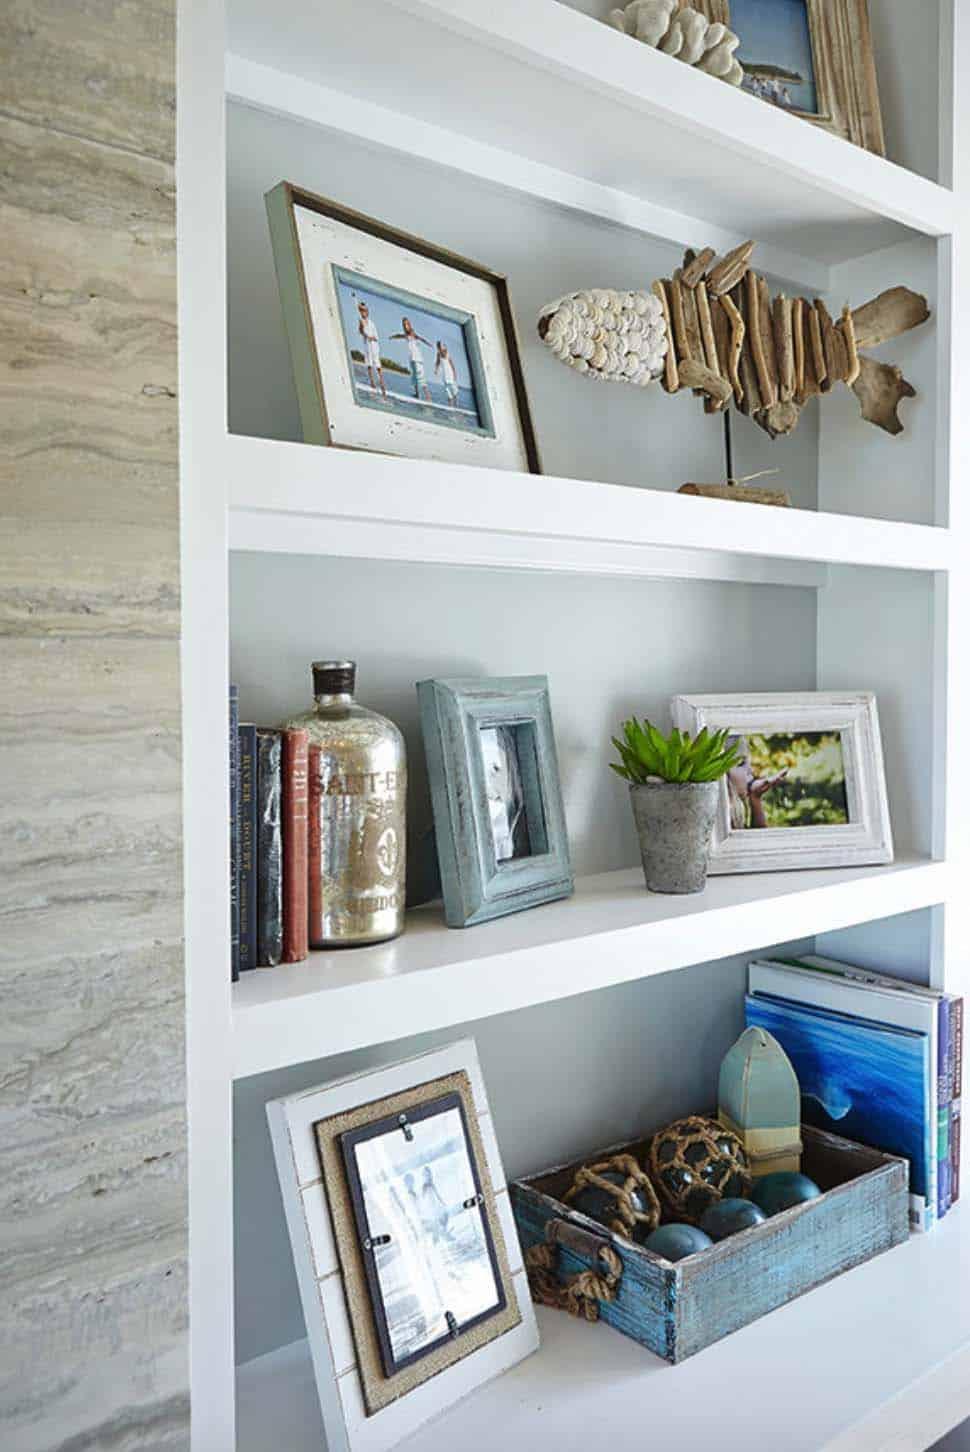 Cottage familial de style plage-Villa Decor-10-1 Kindesign